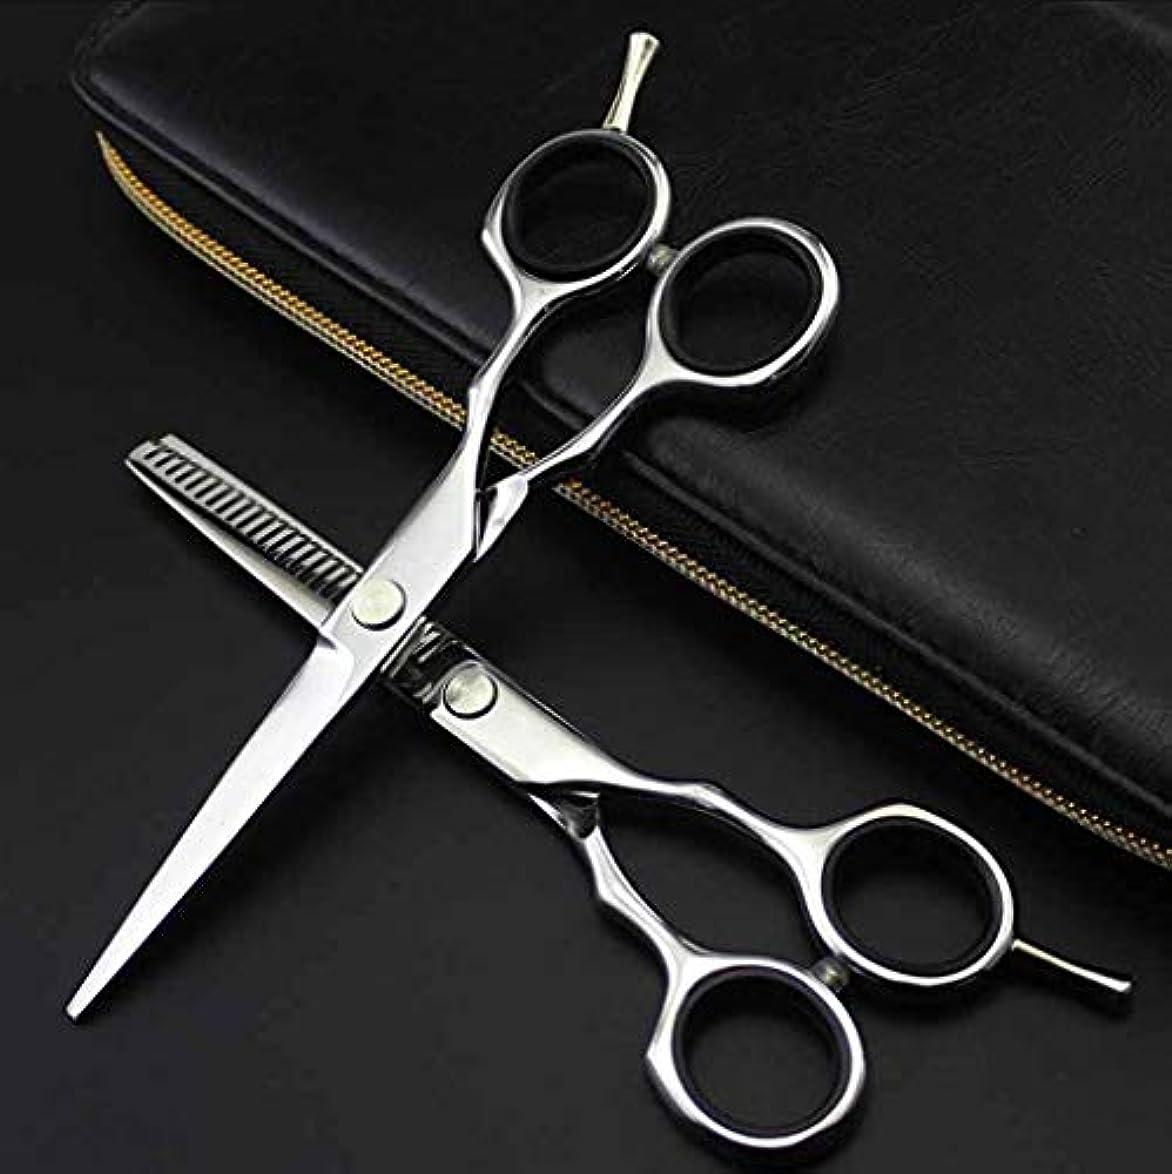 チップ飢えあご5.5インチの理髪師440Cヘアカットはさみと間伐はさみ付きバッグプロの美容師や家族の使用に最適